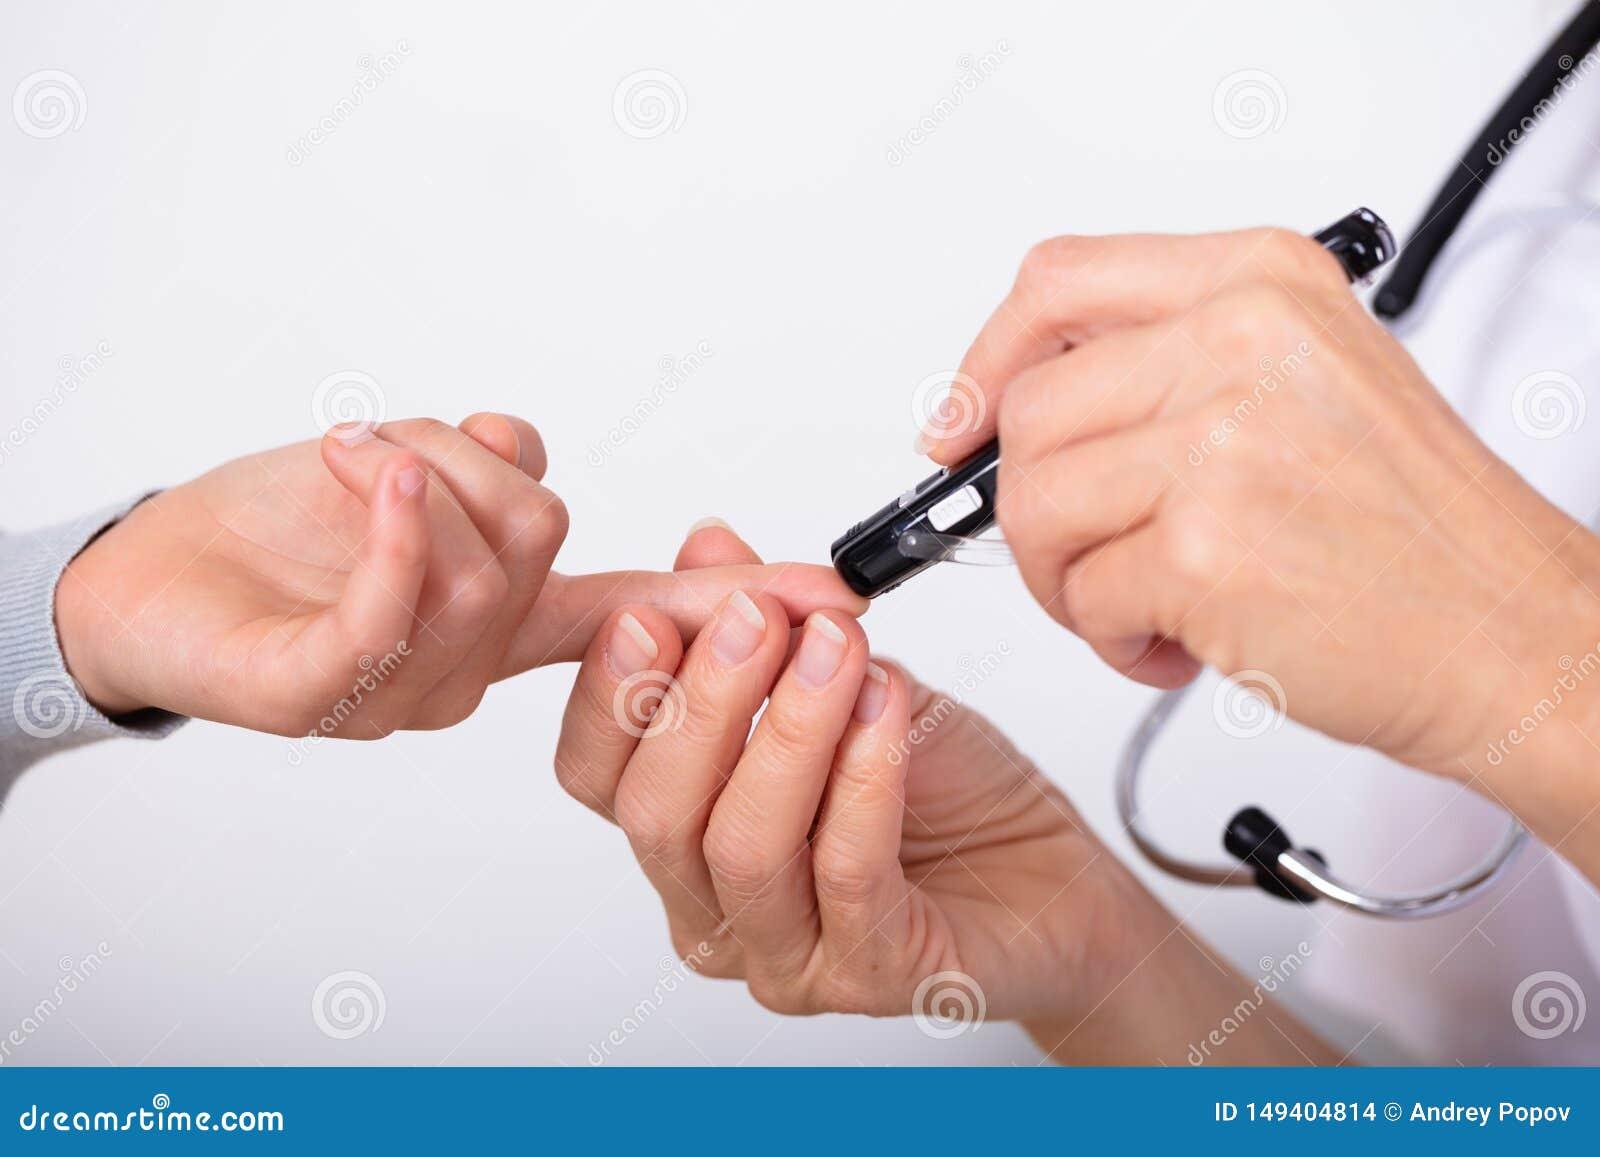 Sang Sugar Level With Glucometer de docteur Measuring Patient